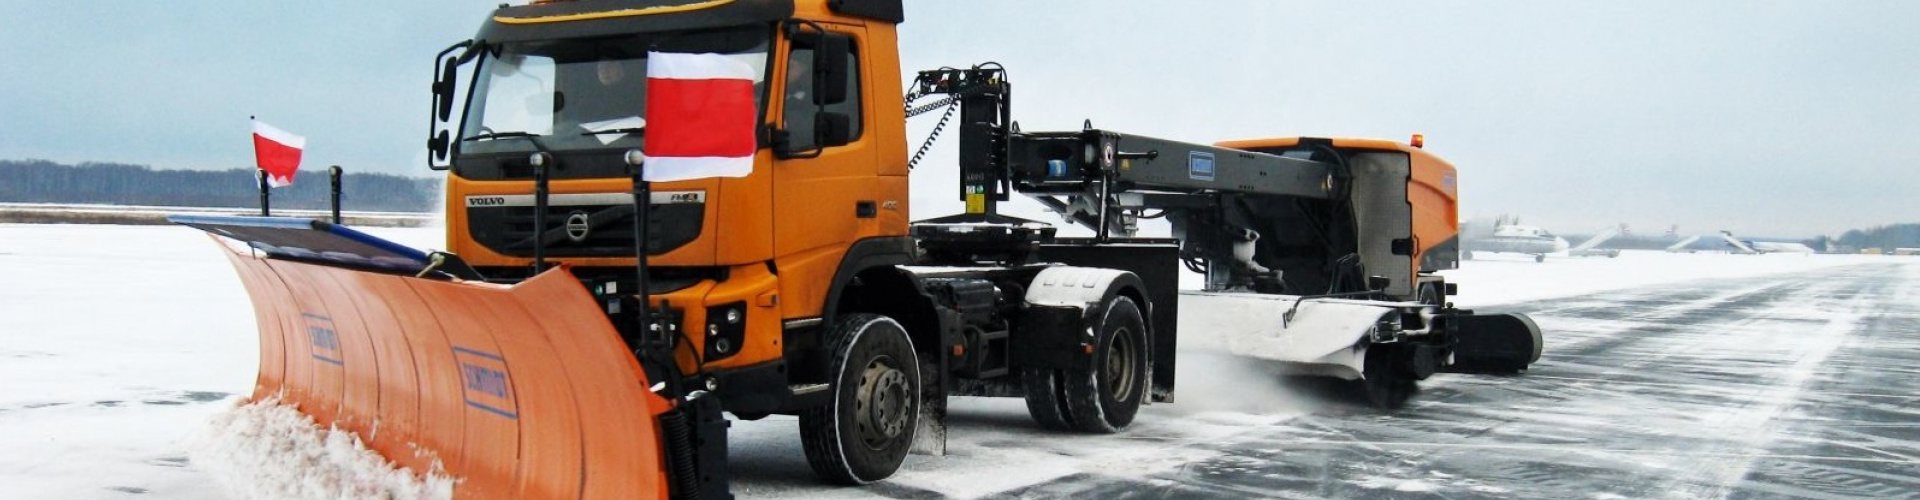 Аренда спецтехники снегоуборочная японская спецтехника б у